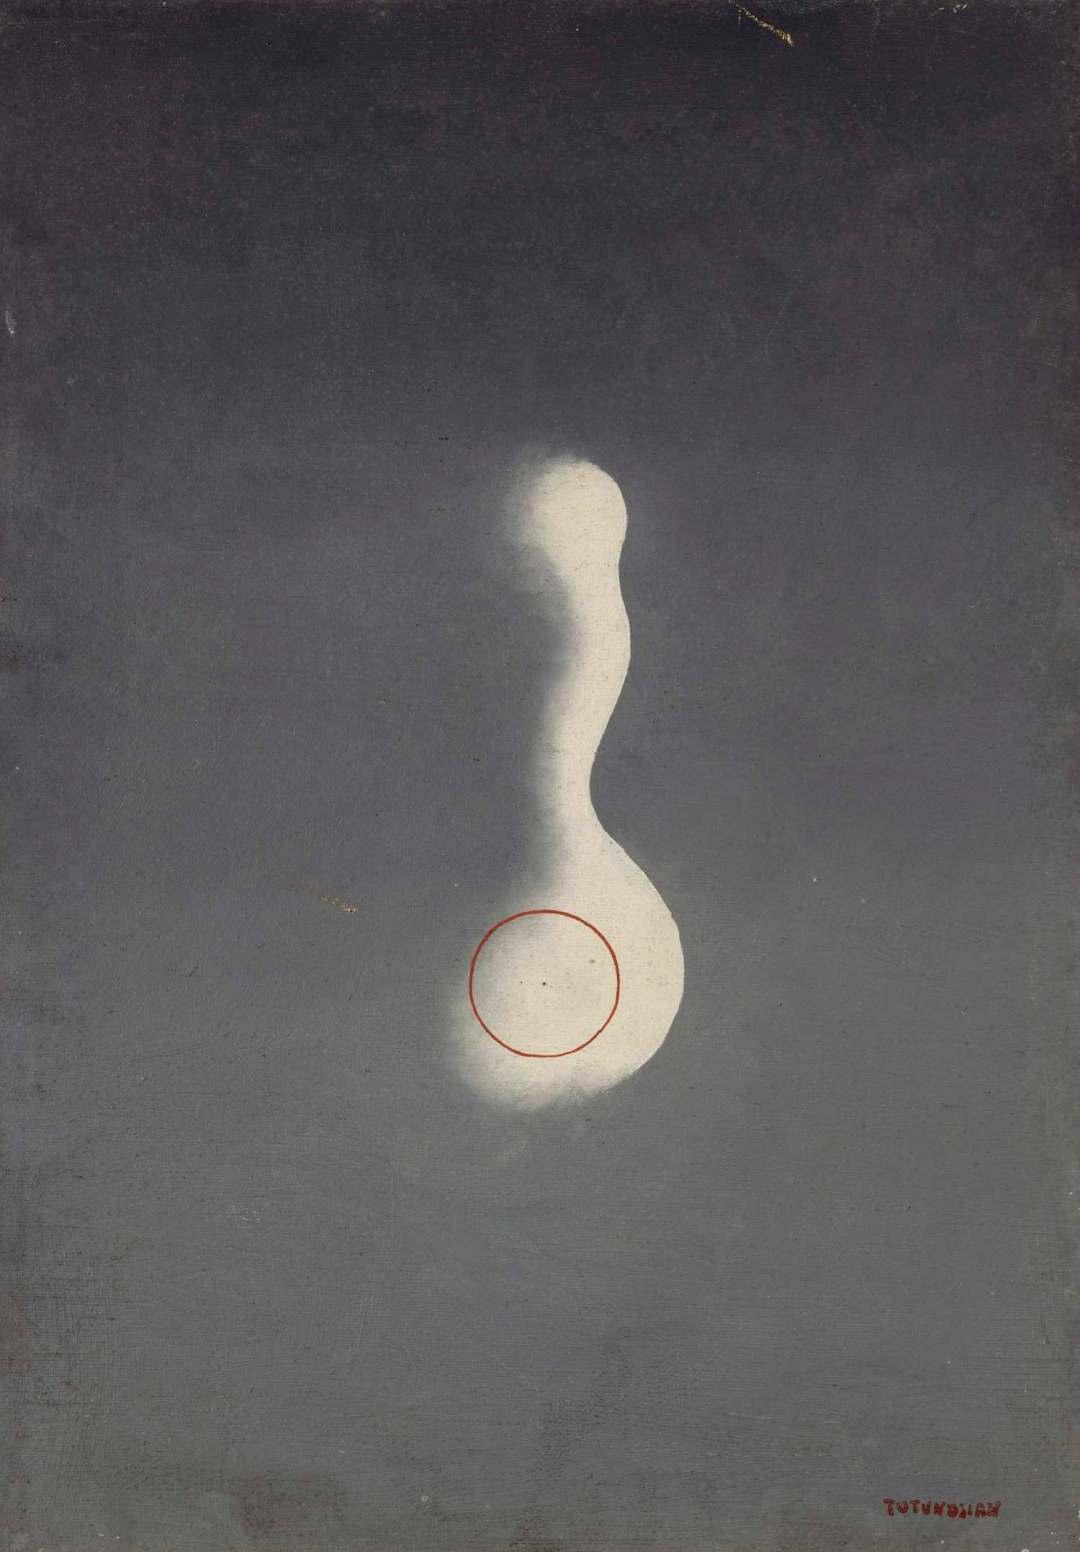 Sans titre, huile sur toile, 55 x 38 cm, Musée National d'Art Moderne - Centre Georges Pompidou, Paris - Crédit photo : Centre Pompidou, MNAM-CCI, Dist, RMN-Grand Palais / Jacques Faujour